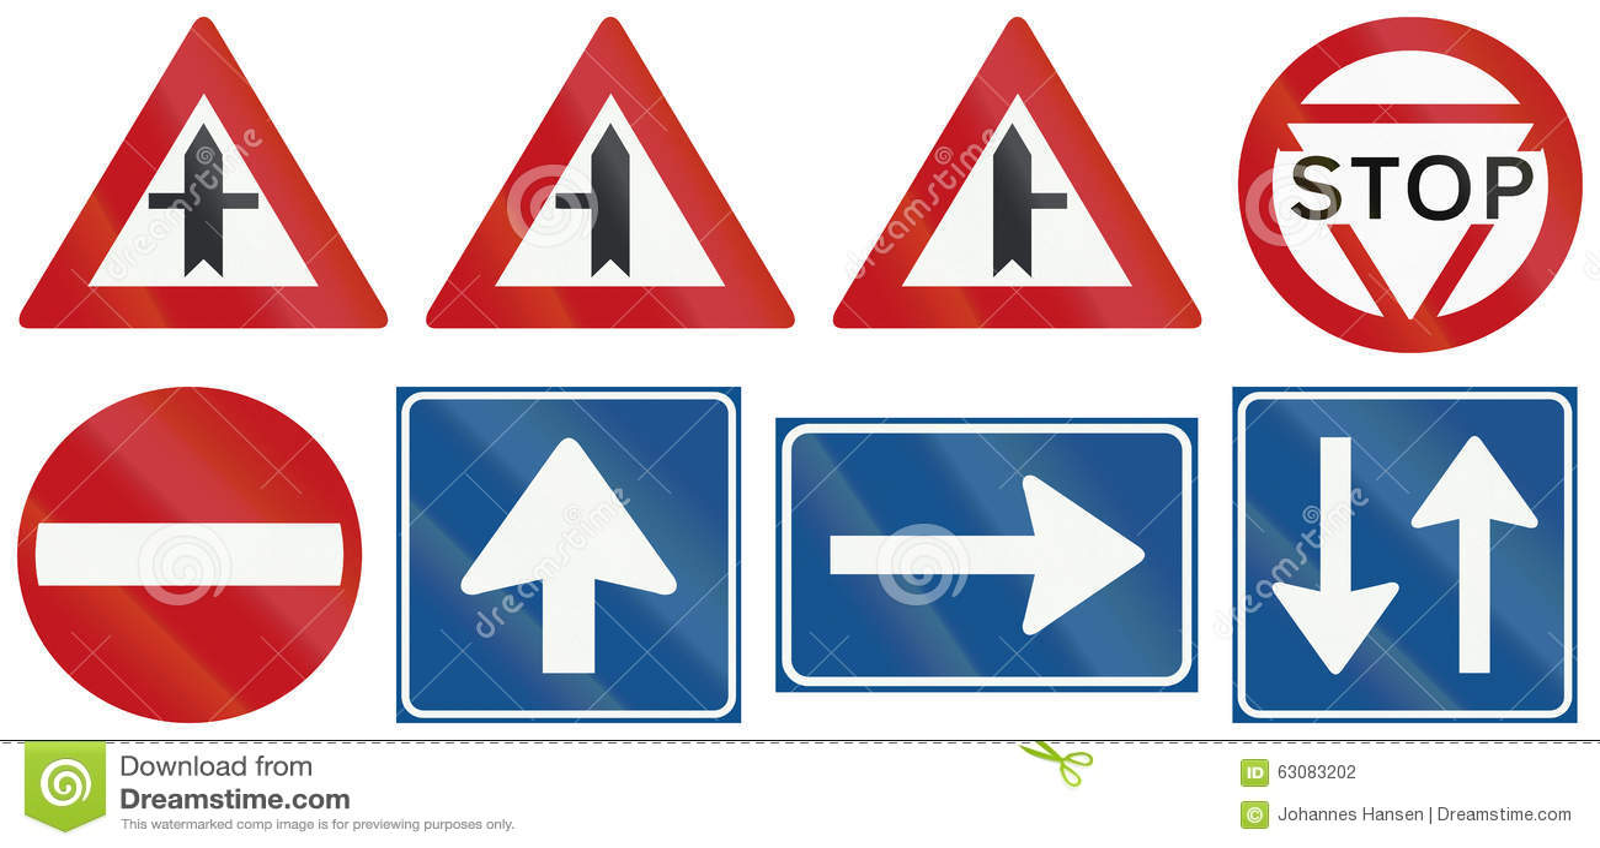 Download Collection De Panneaux Routiers De Réglementation Néerlandais Illustration Stock - Illustration du historique, carrefour: 63083202